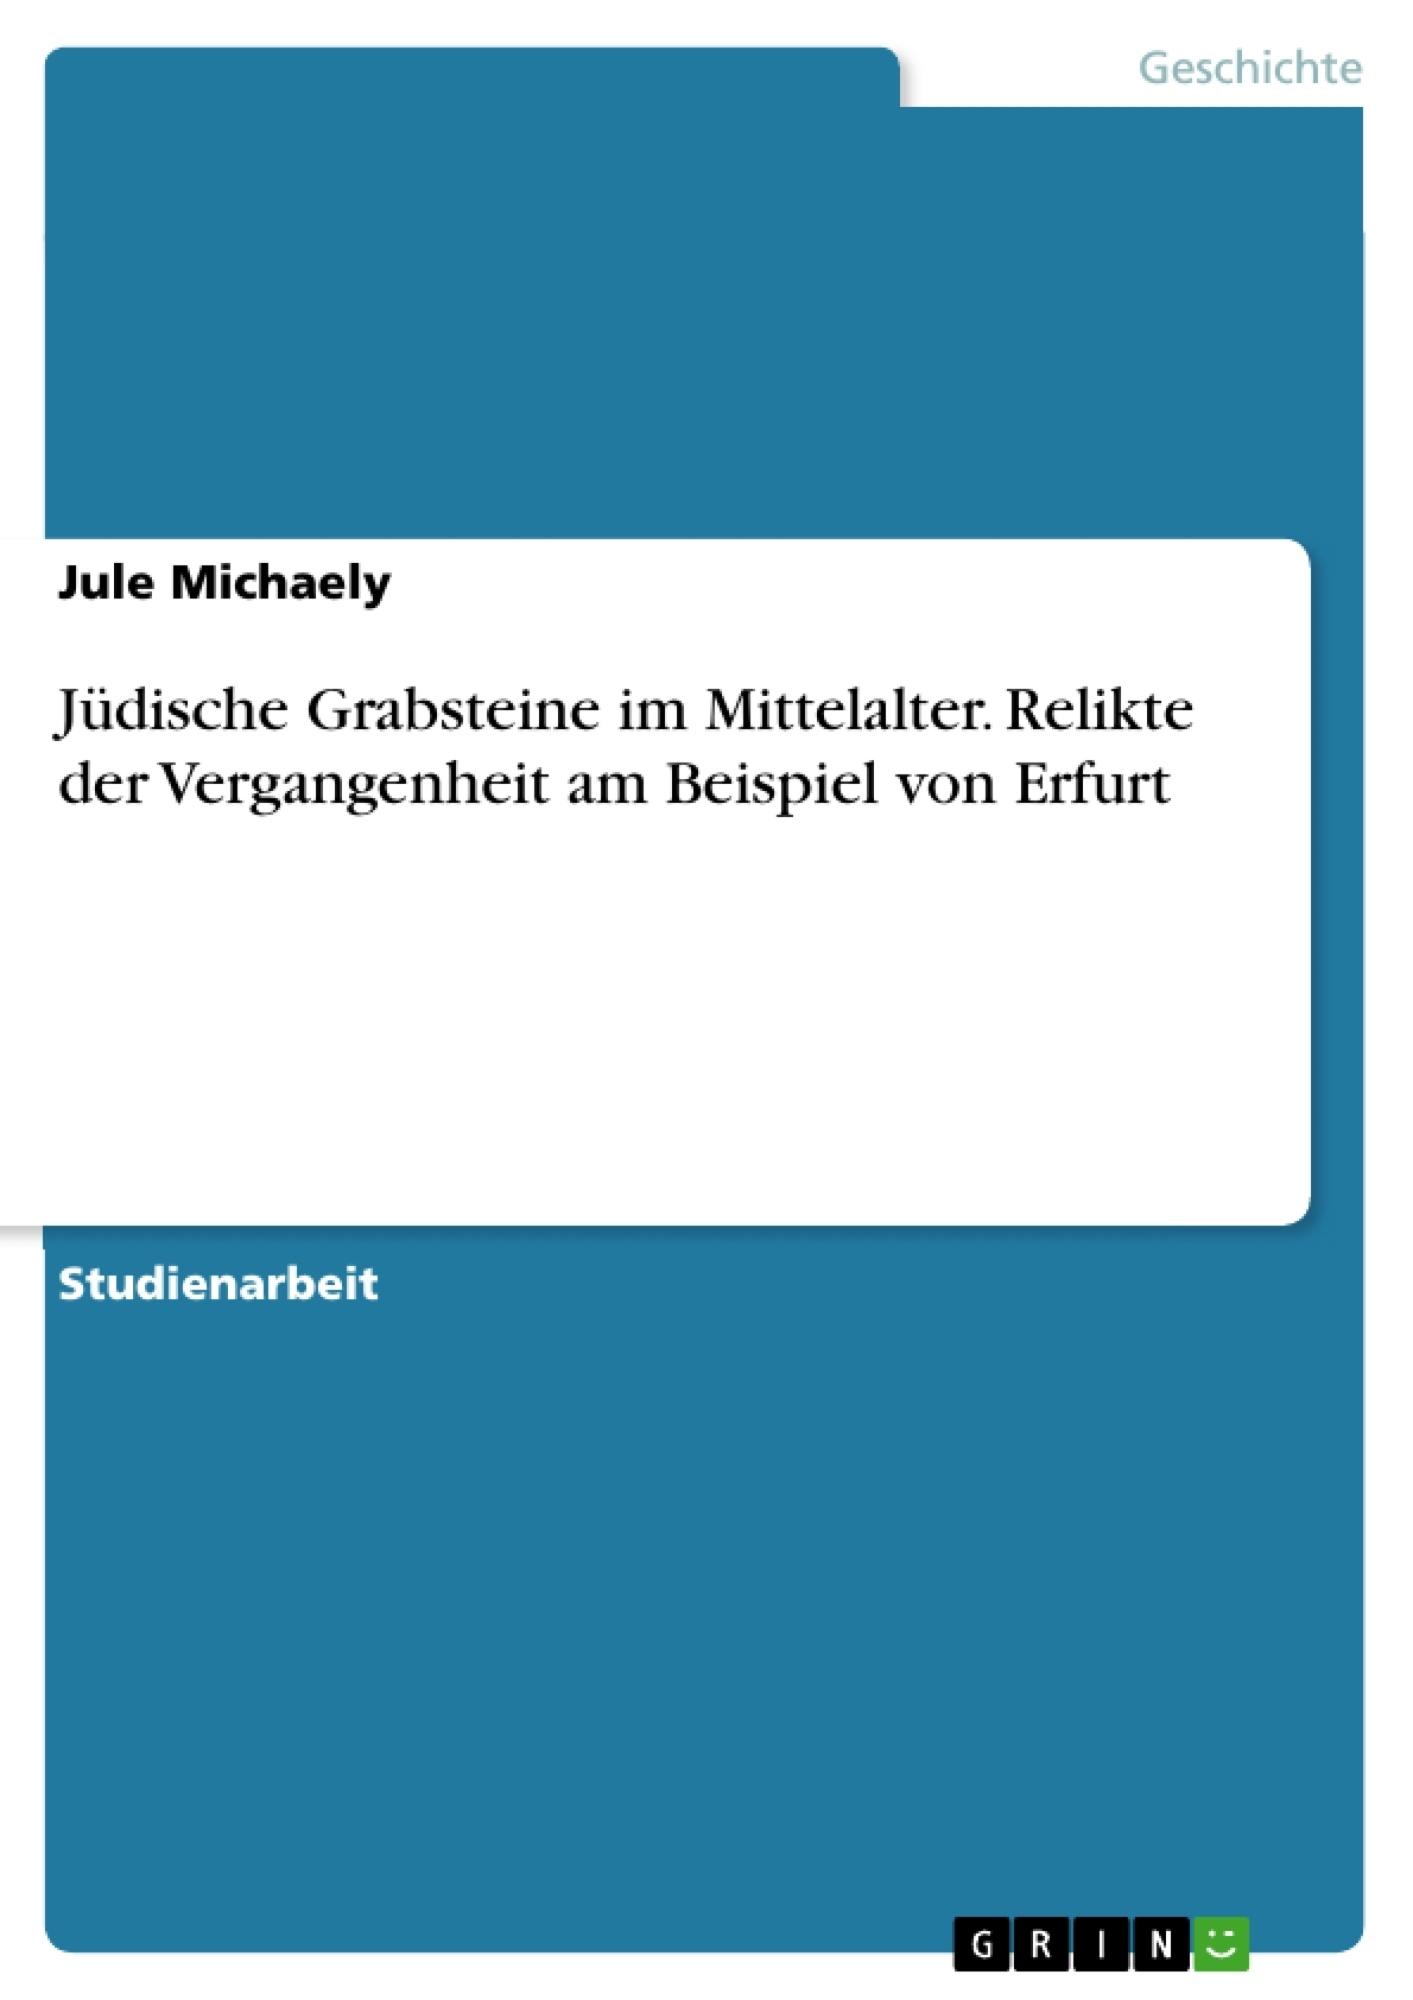 Titel: Jüdische Grabsteine im Mittelalter. Relikte der Vergangenheit am Beispiel von Erfurt